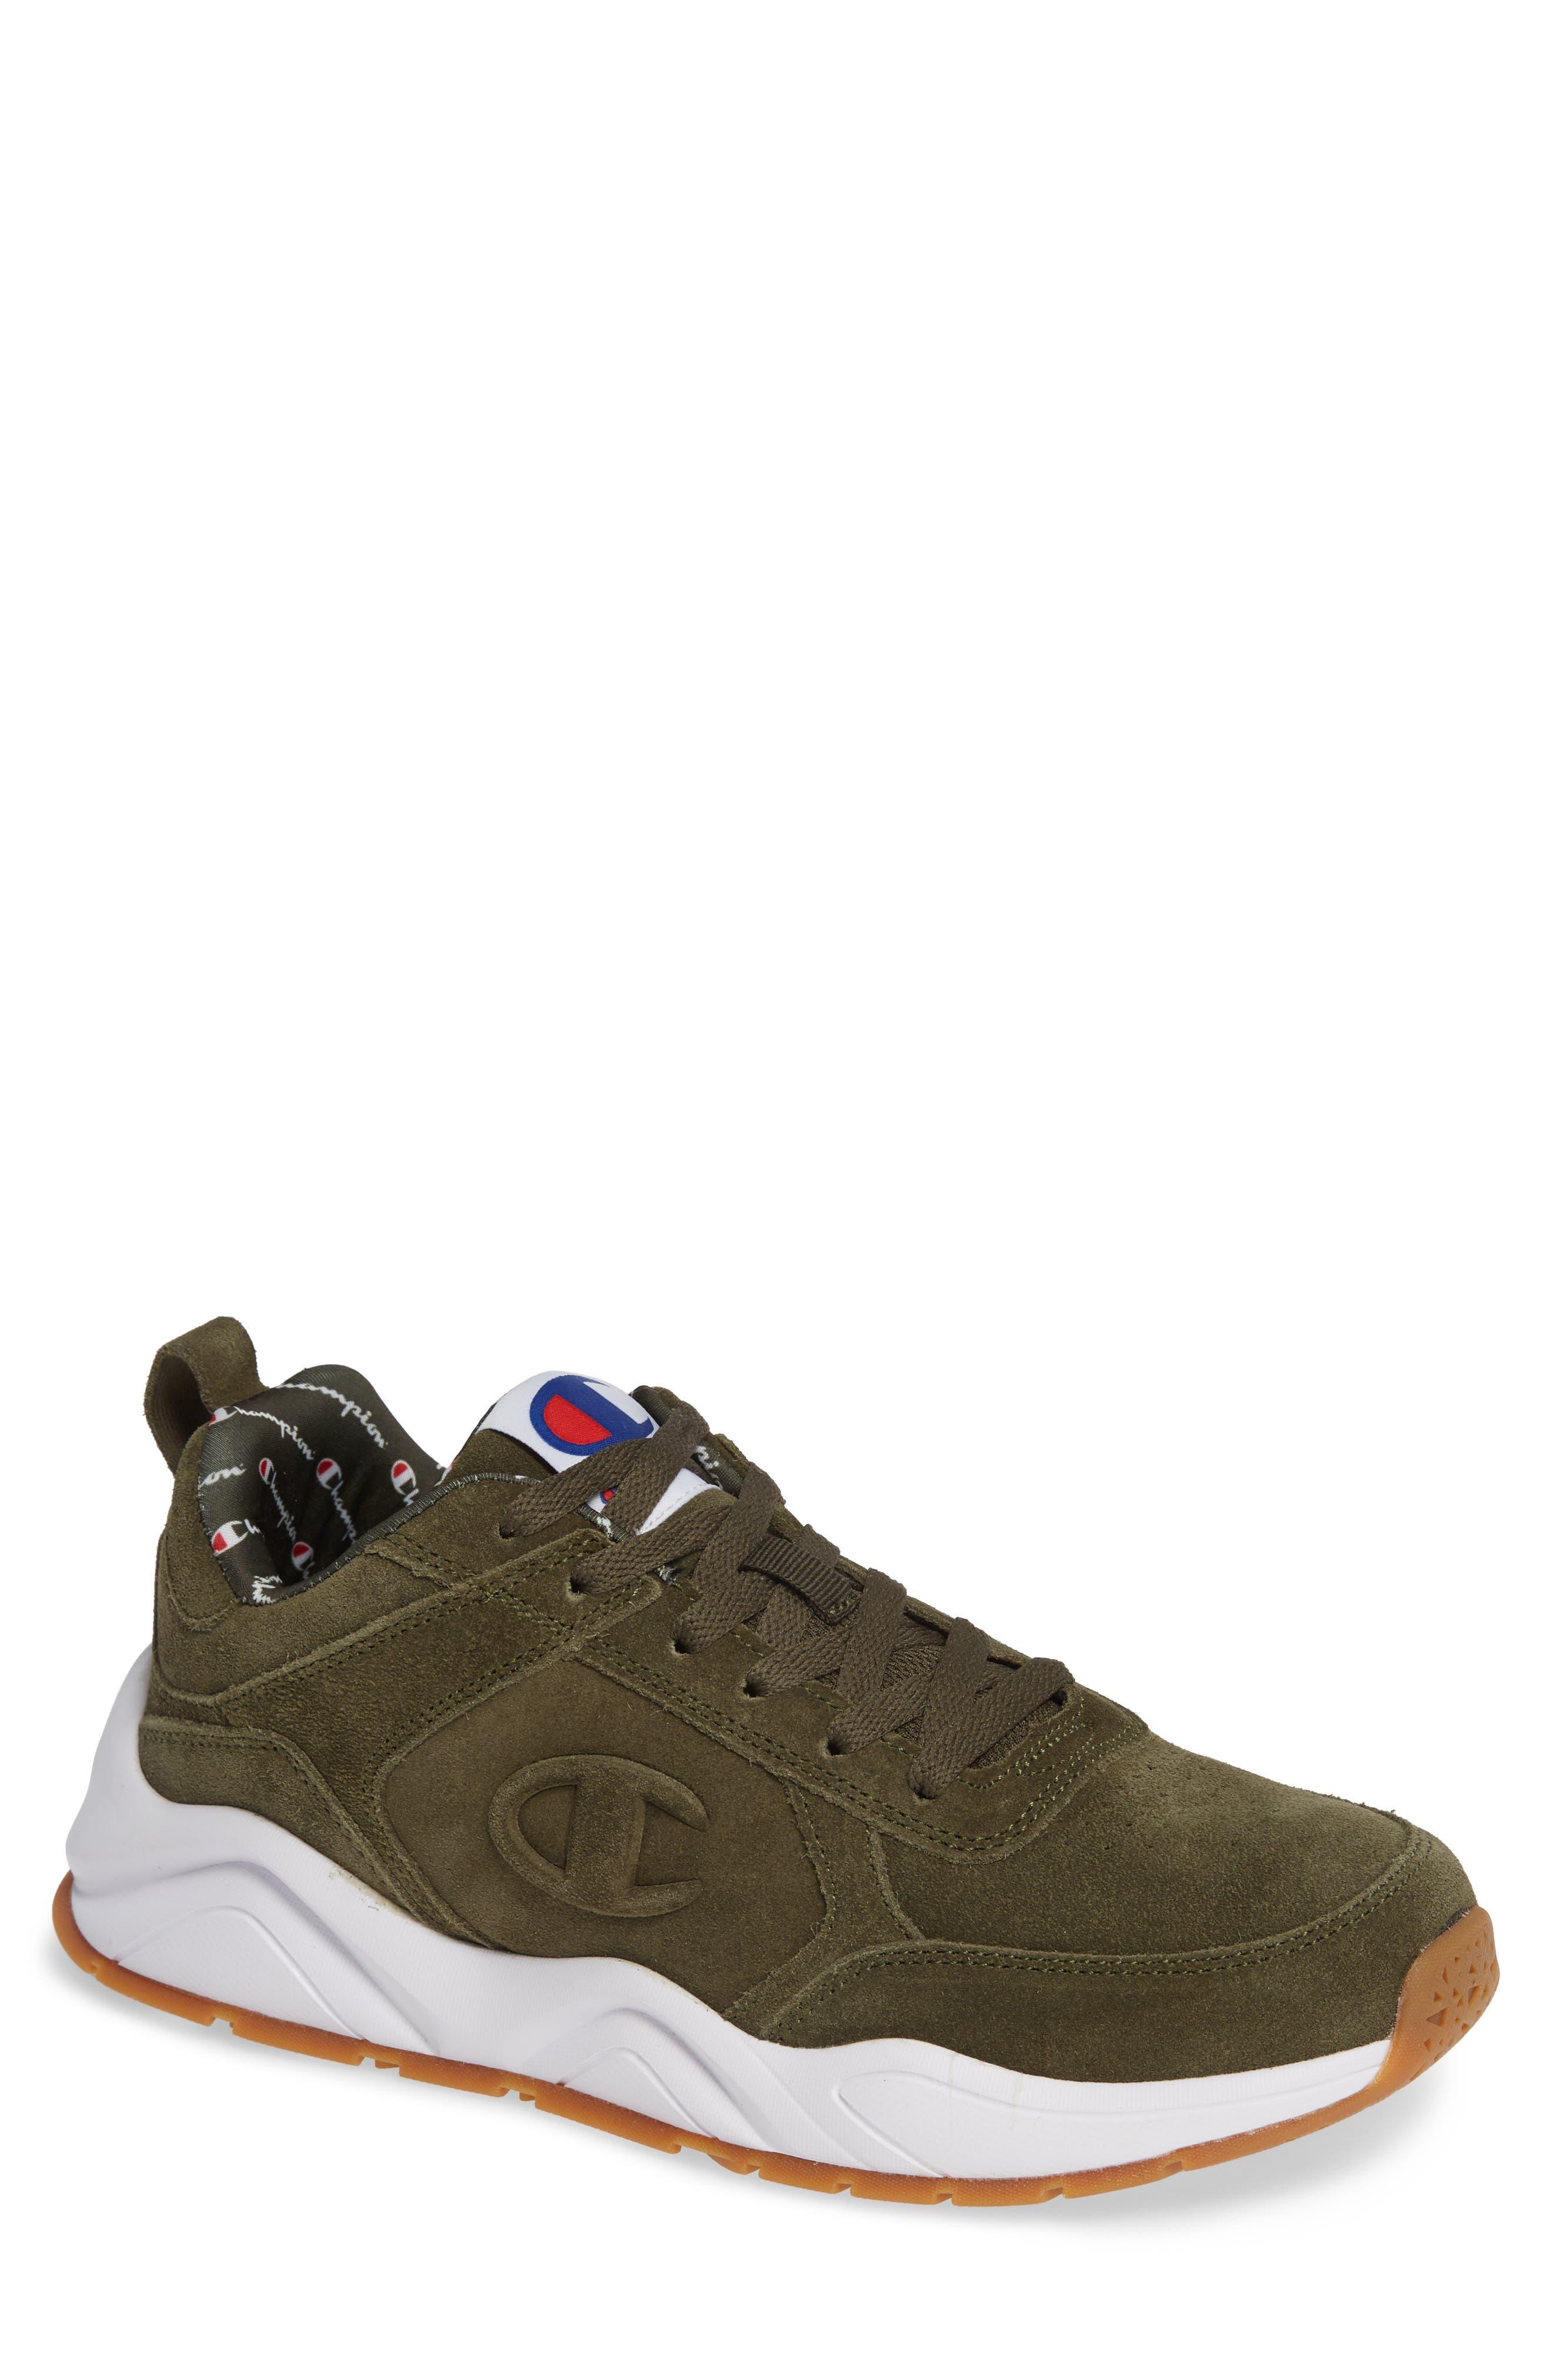 93Eighteen Sneaker,                         Main,                         color, HIKER GREEN SUEDE